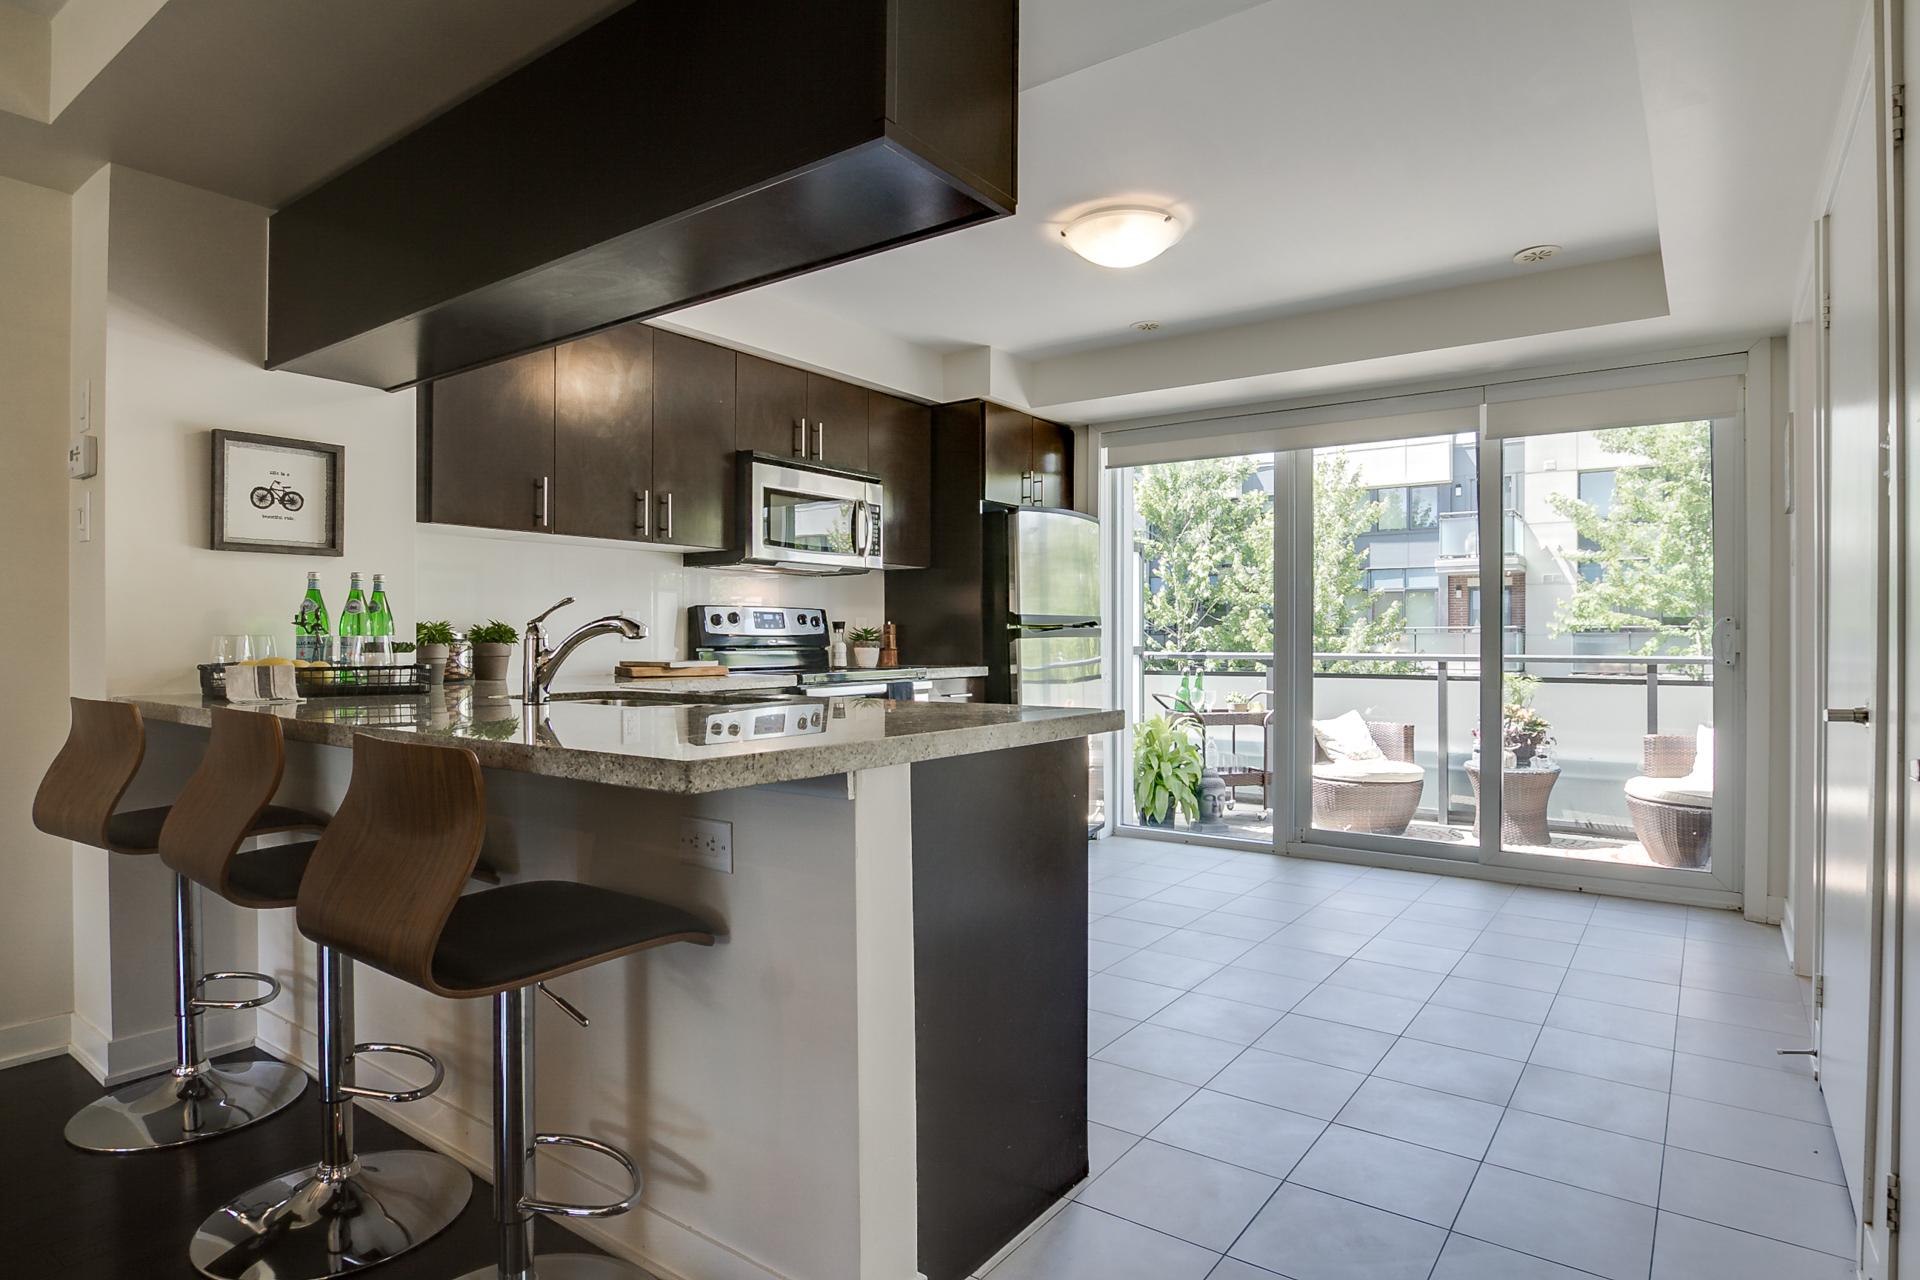 17_kitchen5.jpg